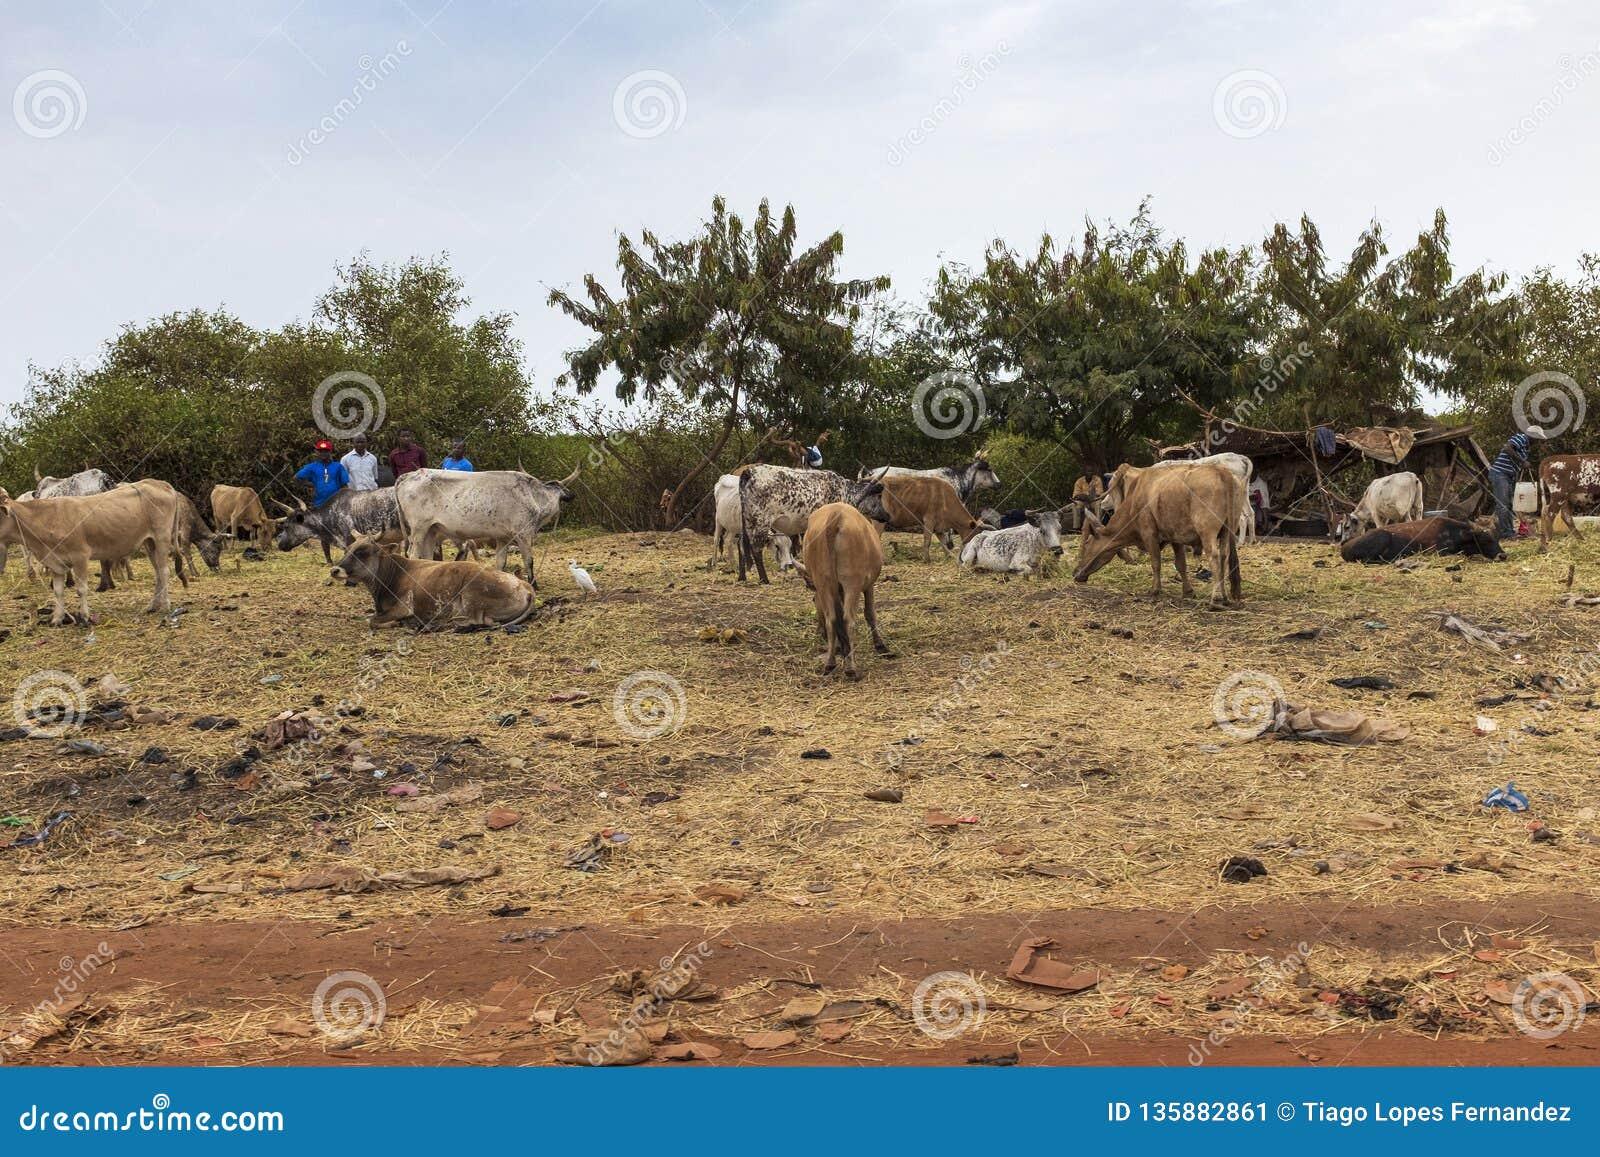 Uomini che vendono bestiame sulle periferie della città della Bissau, in Guinea-Bissau